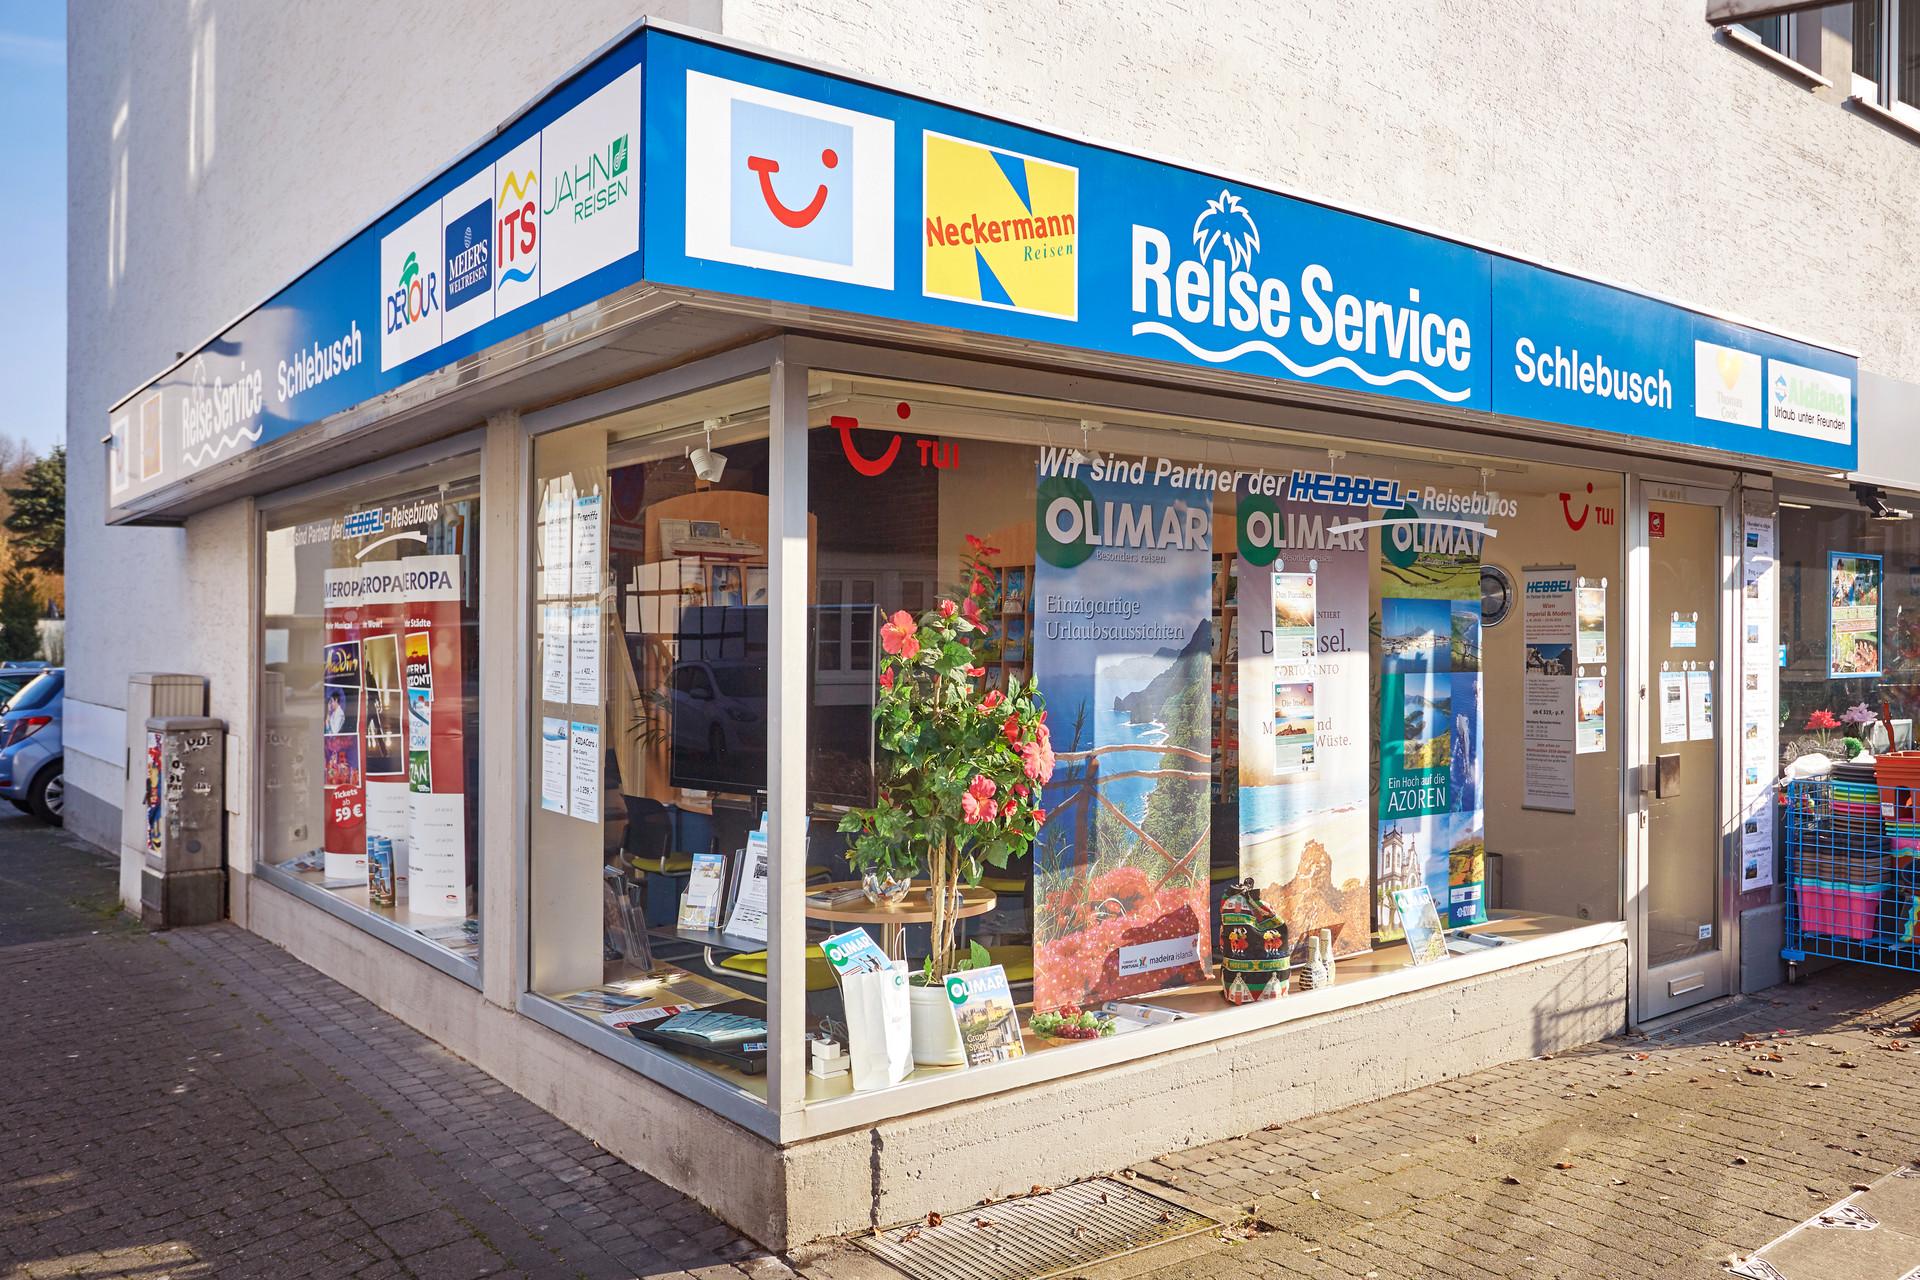 Reisebüro ReiseService Schlebusch